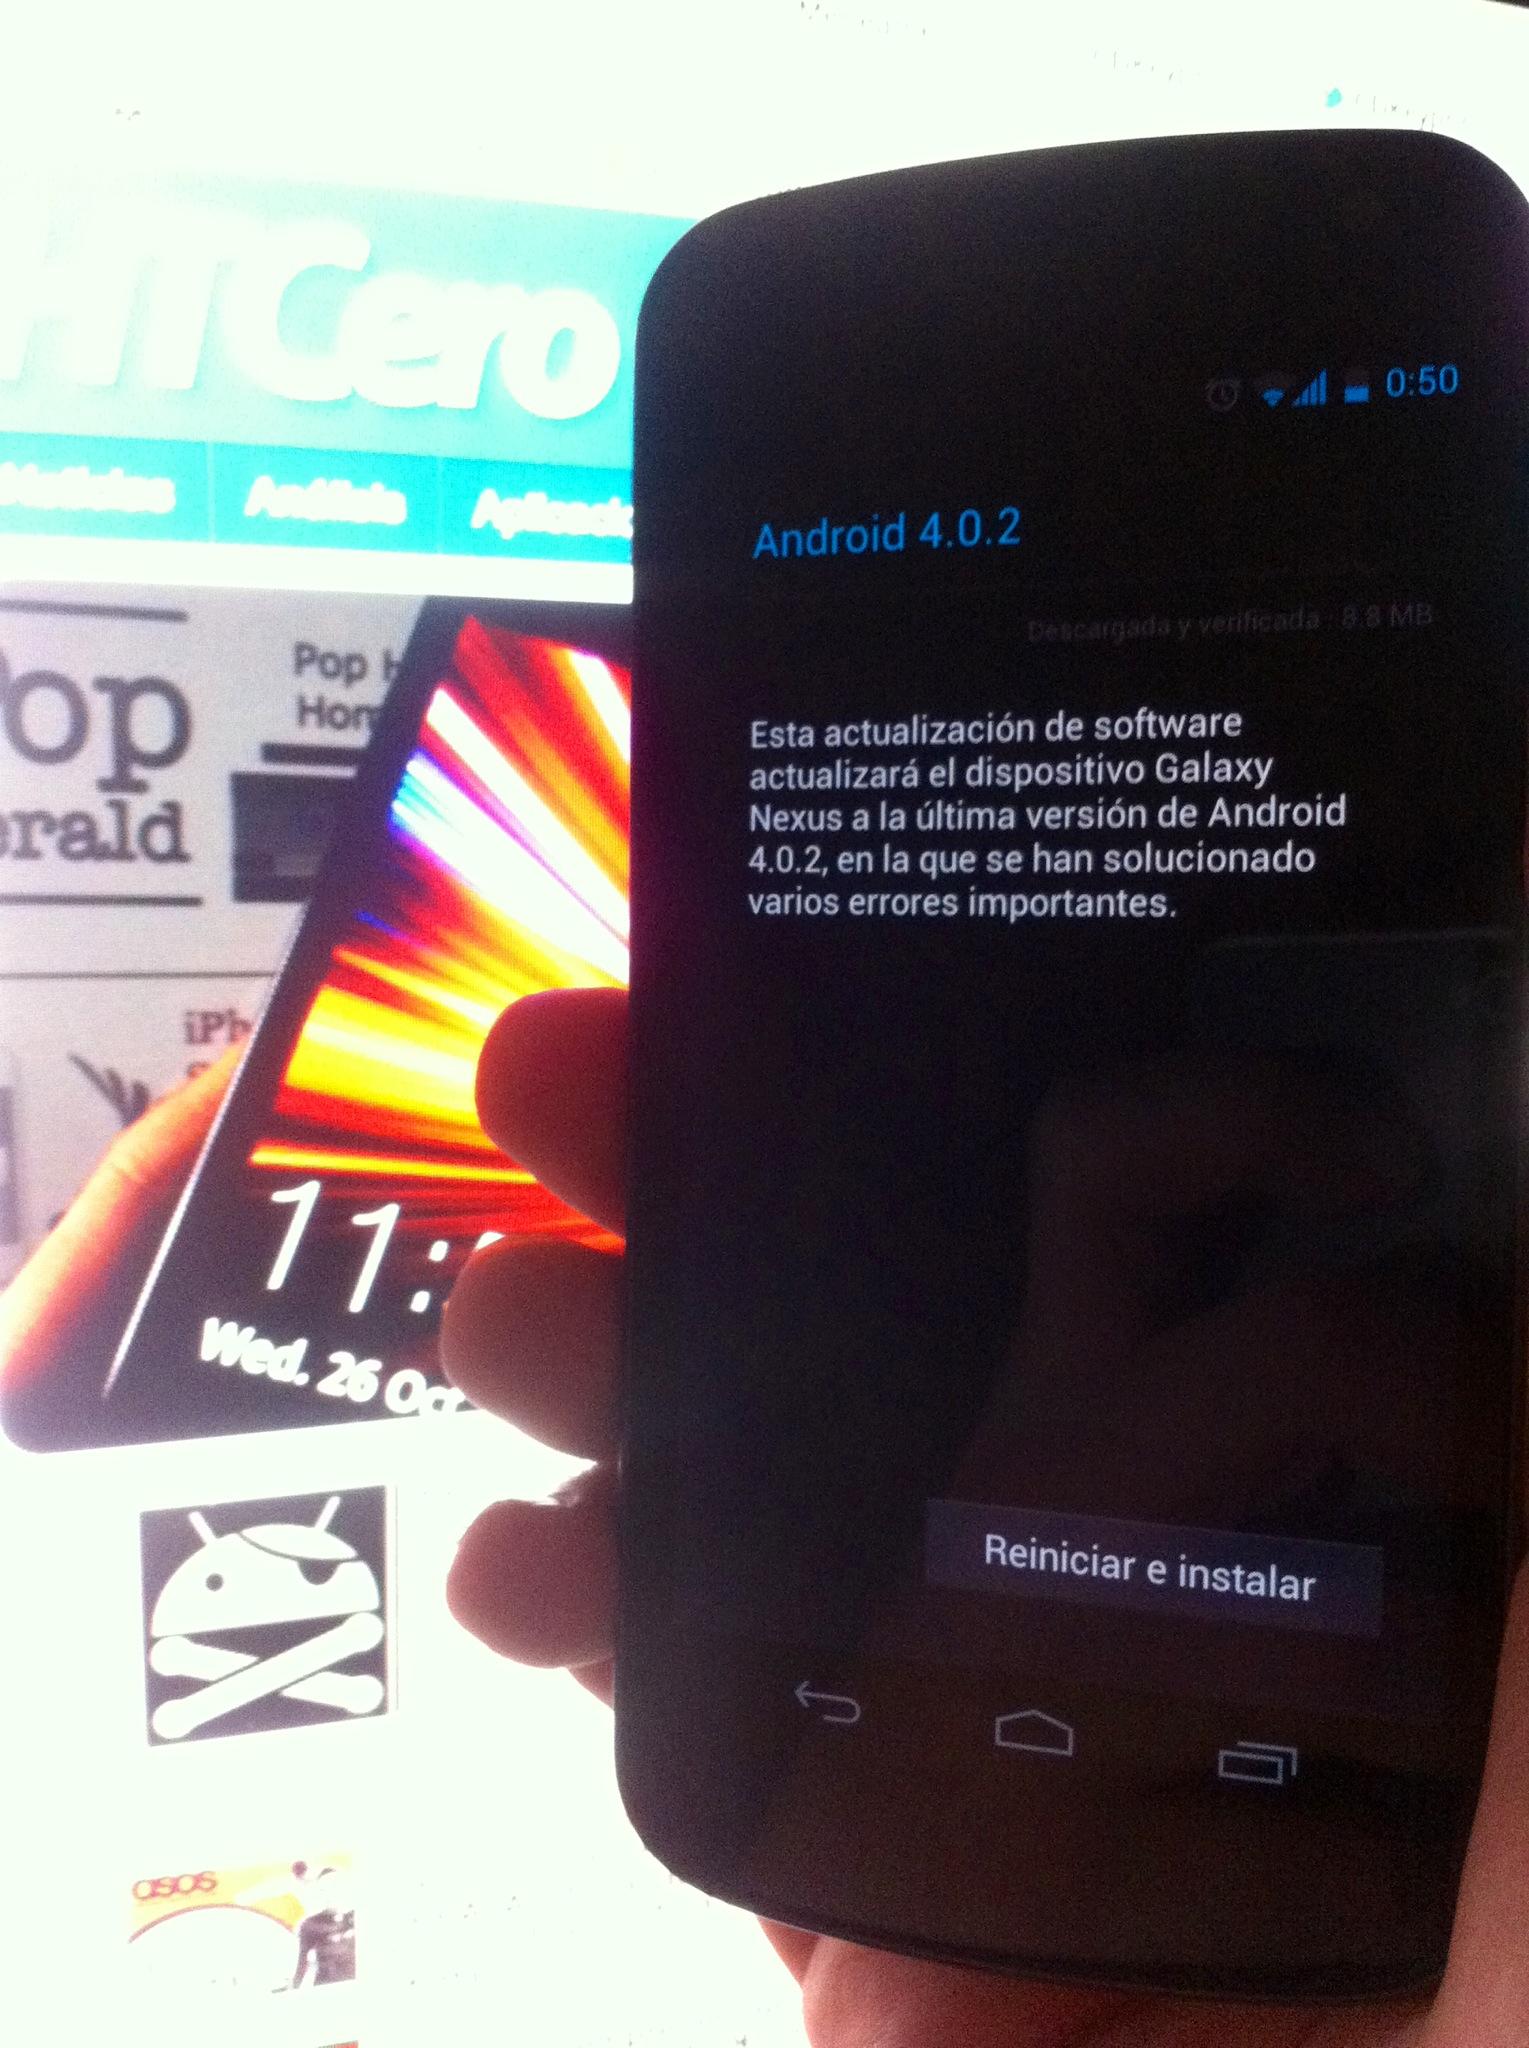 Actualizacion Samsung Galaxy Nexus